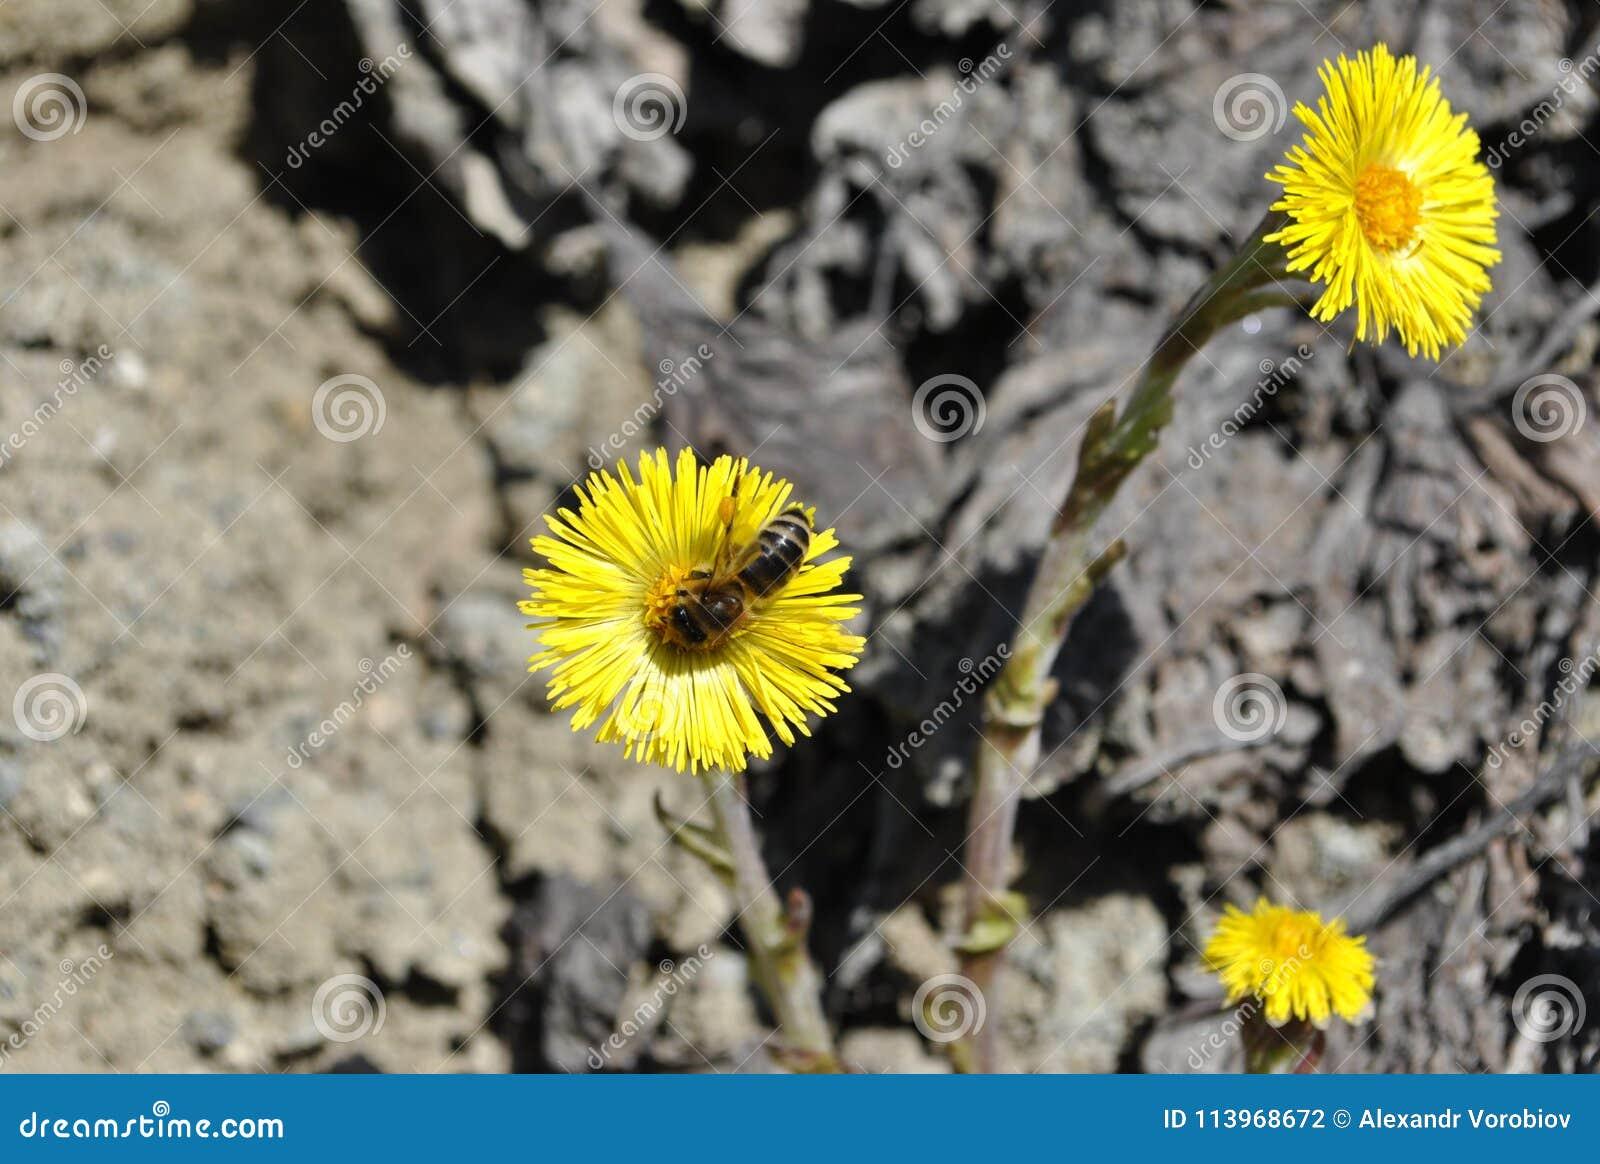 η γονιμοποίηση από το λουλούδι μελισσών Tussilà ¡ πηγαίνει rfara fà ¡ στο γκρίζο έδαφος